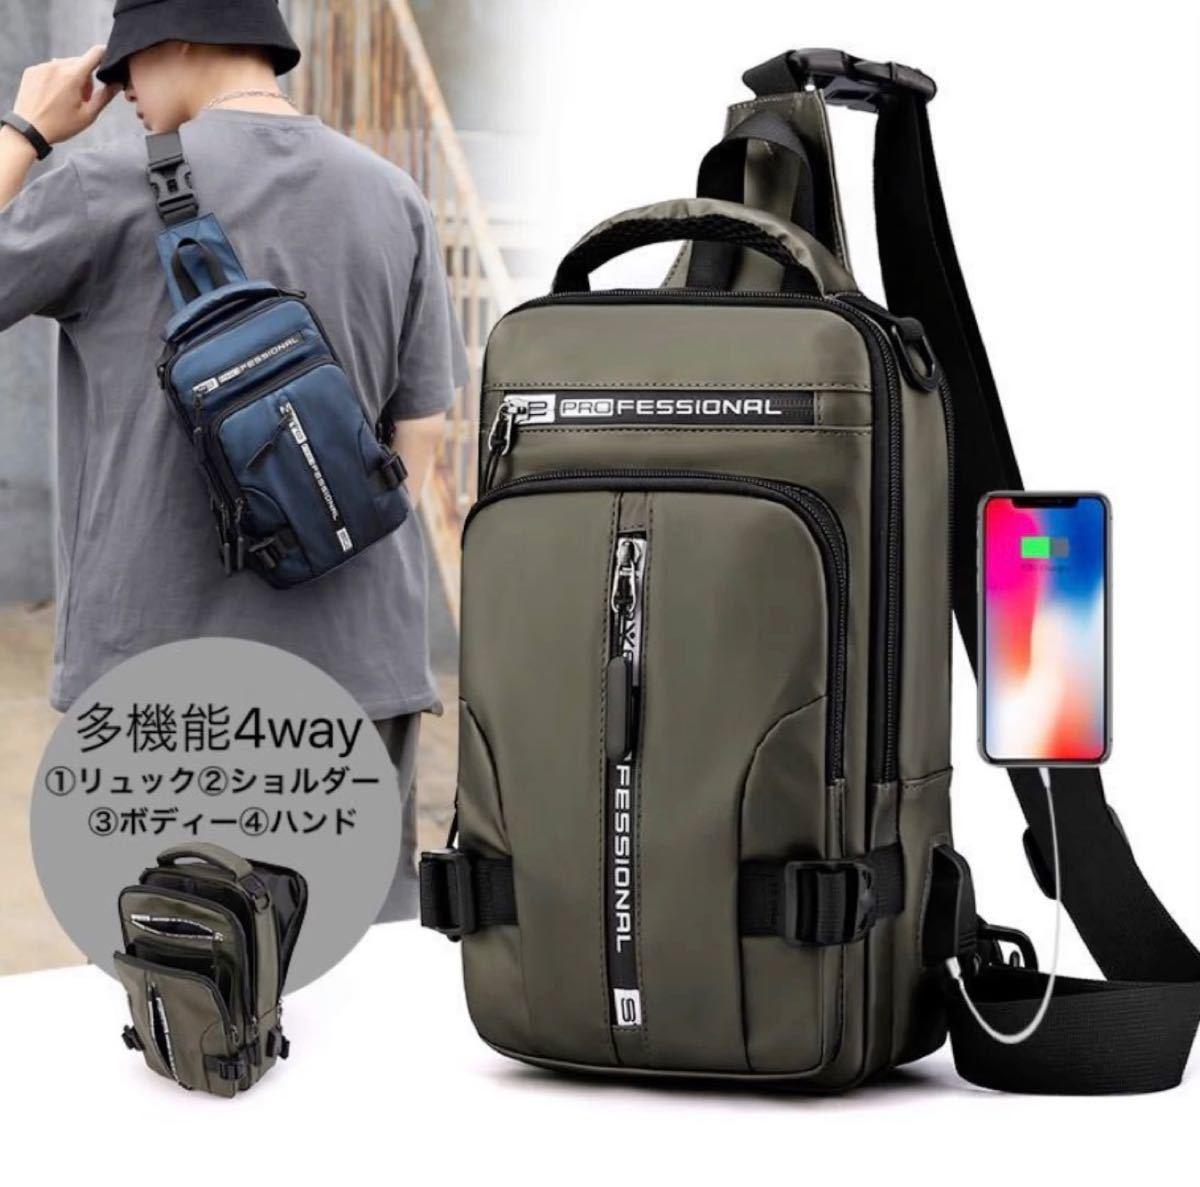 ボディバッグ リュックサック 斜め掛け ハンドバッグ  多機能軽量  大容量 撥水加工 ナイロン 男女兼用 USBポート グリーン